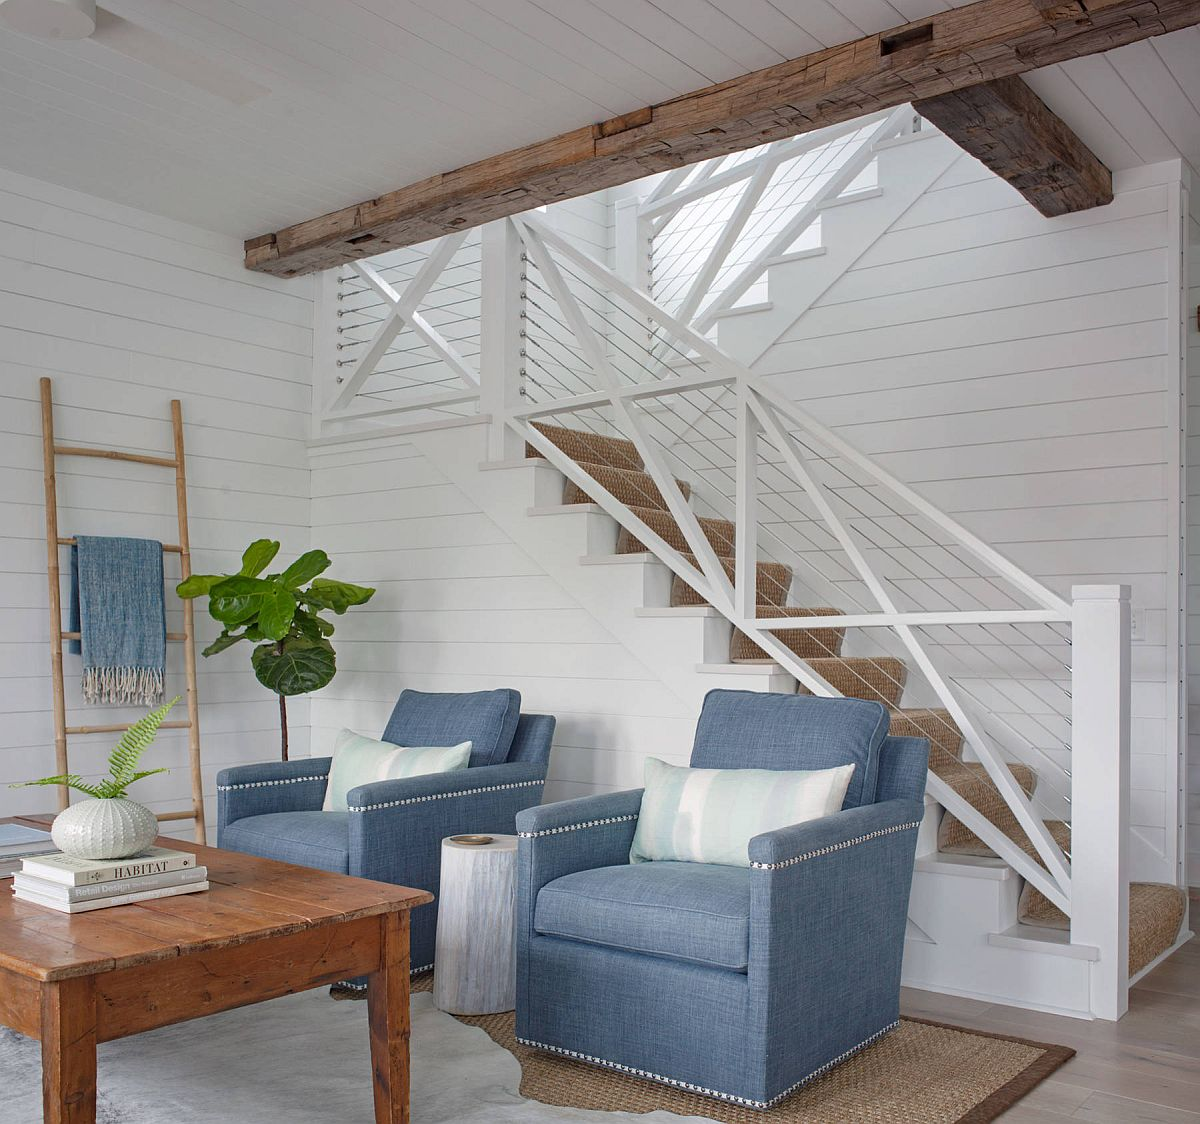 cặp ghế tựa màu xanh dương cạnh cầu thang